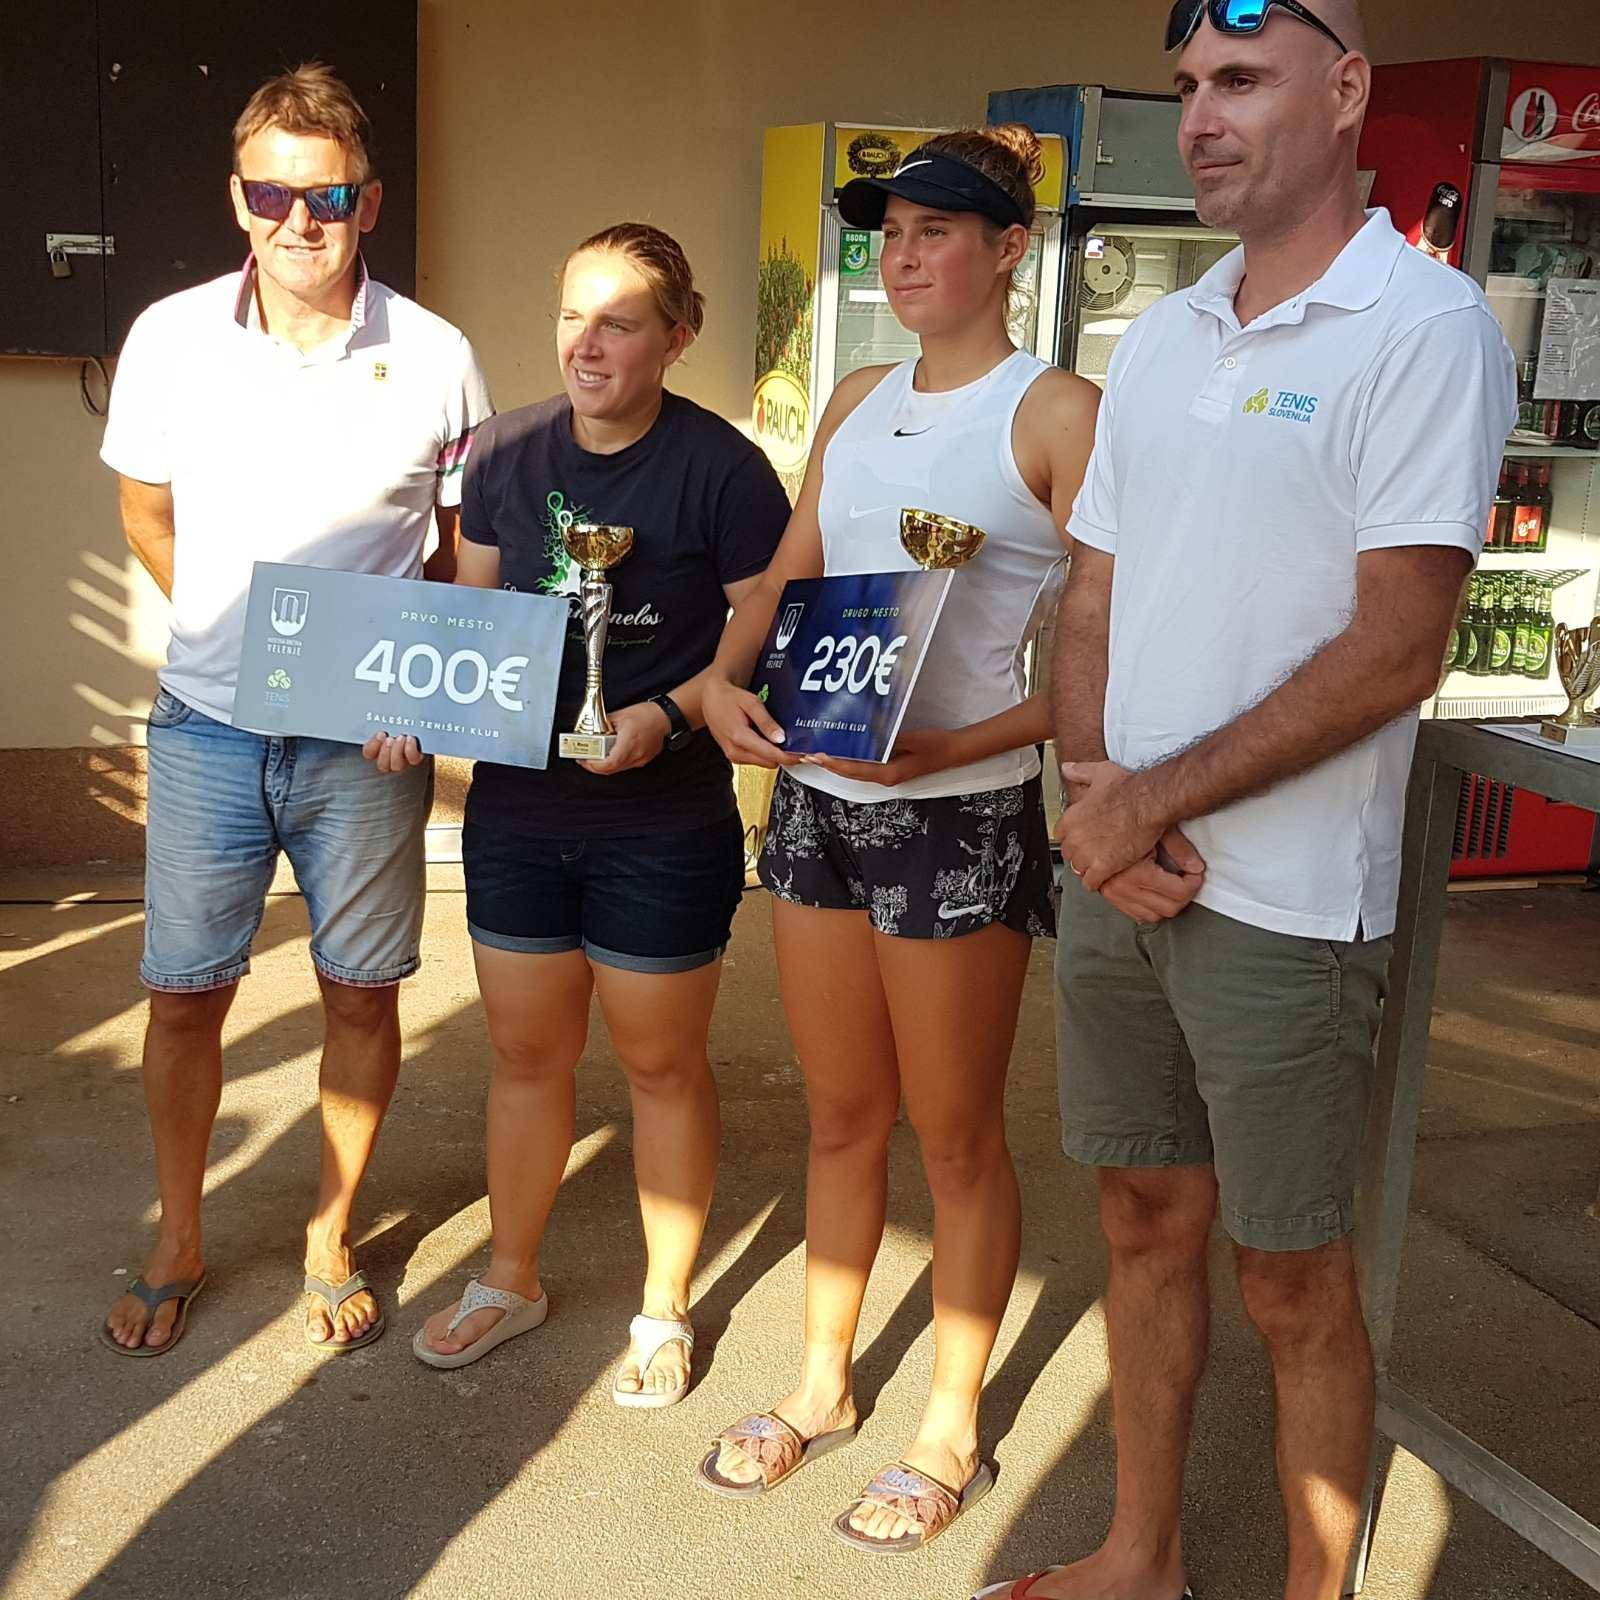 WhatsApp Image 2020 09 12 at 17.18.34 1 - Palčičeva in Vetrih najboljša na odprtem prvenstvu v Velenju (FOTO)